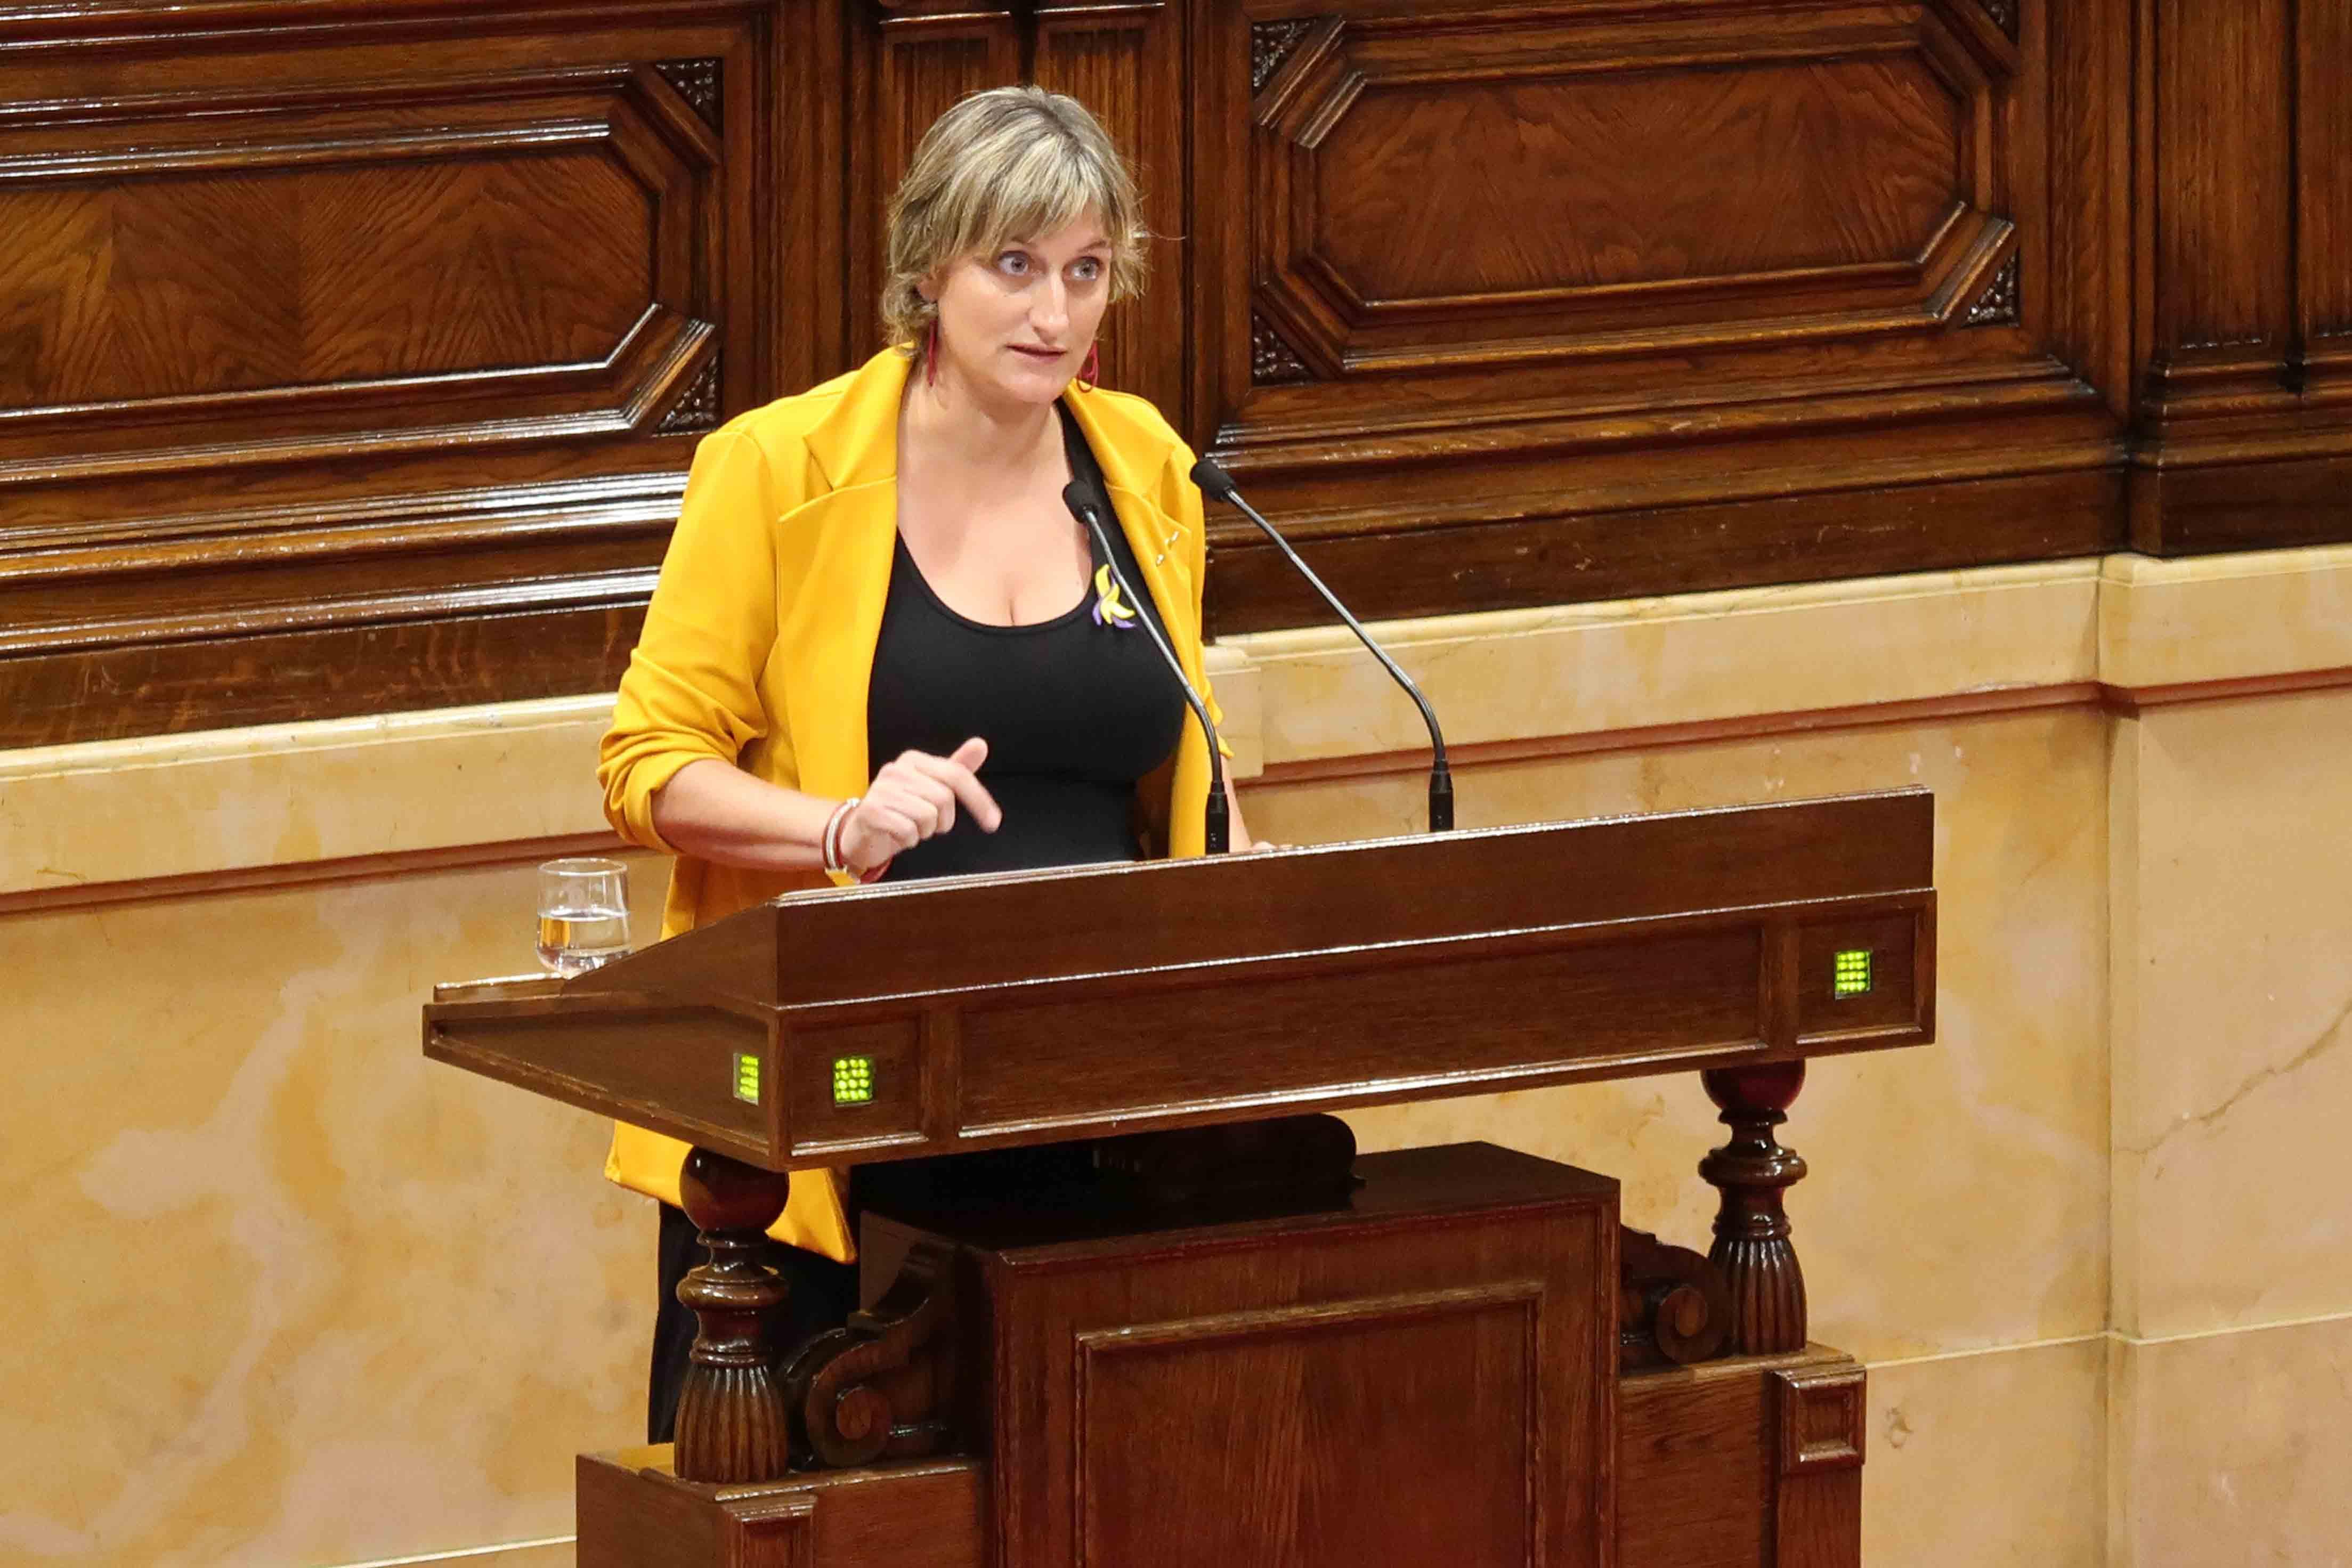 La consellera de Salut durant la seva intervenció al Parlament.